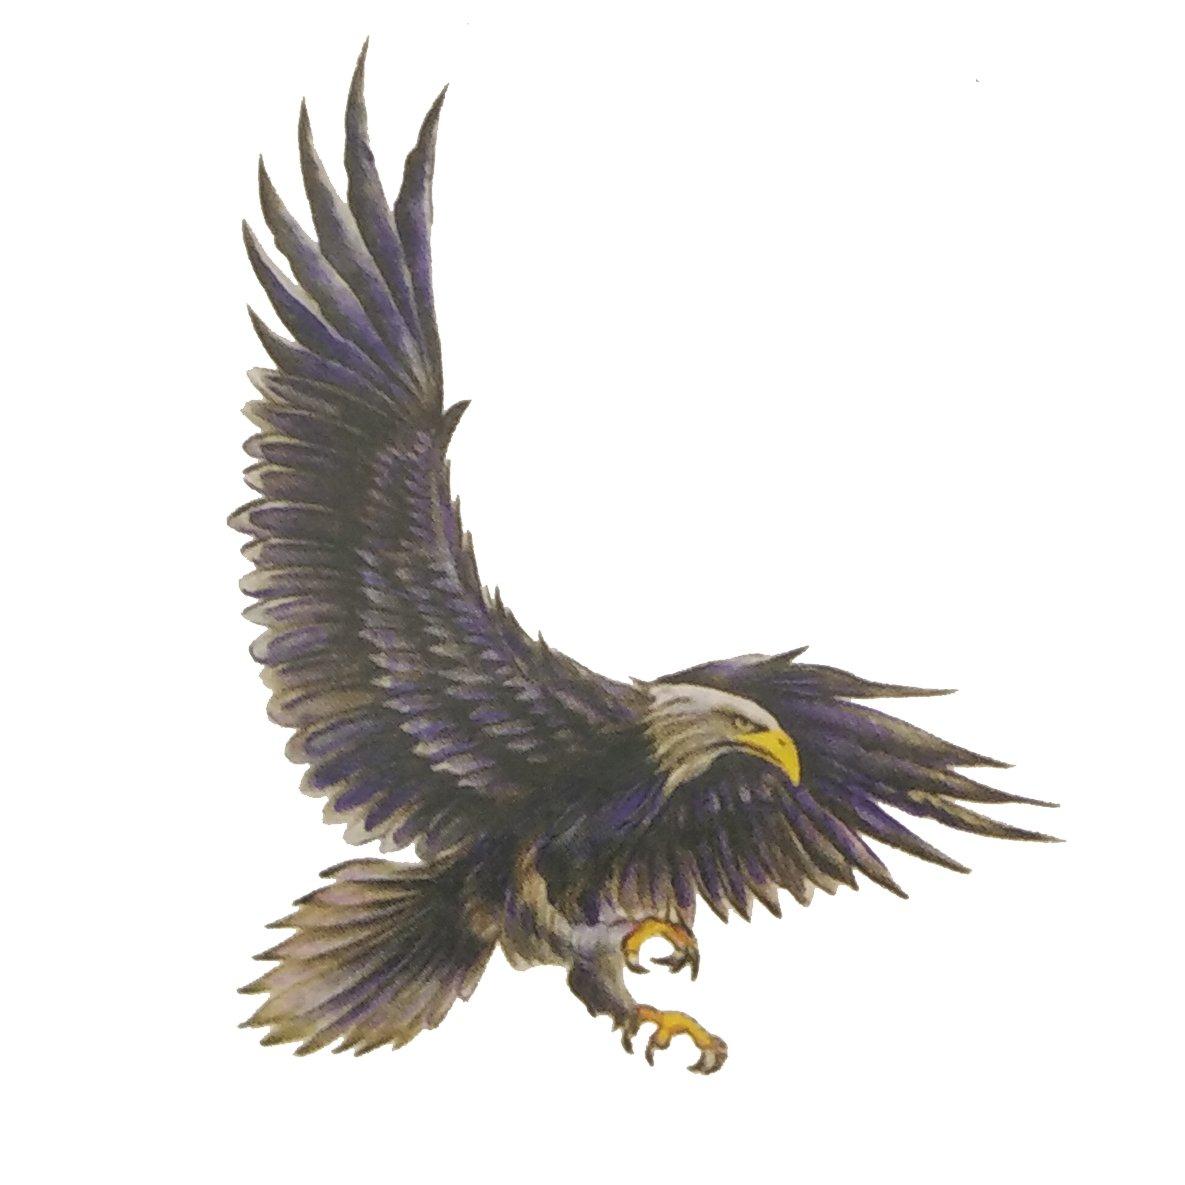 Temporary Tattoo 3d Eagle Tattoo Sticker Size 6x6cm 1pc